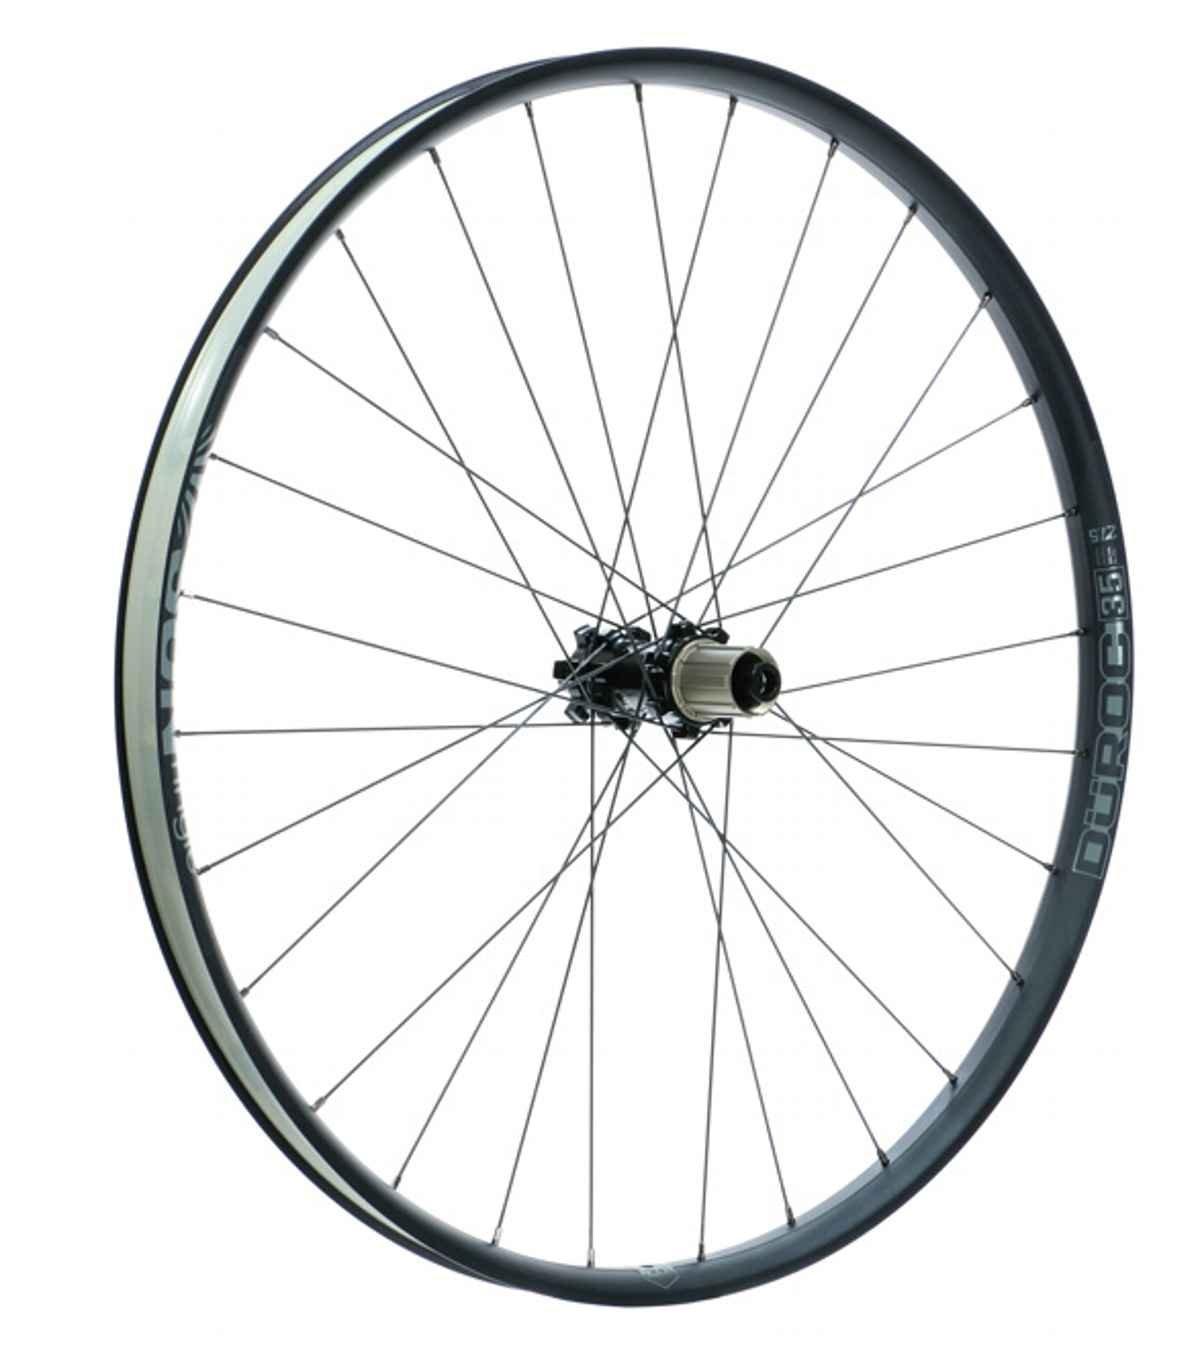 Sun Ringle Duroc 35 Expertリアホイール: 27.5インチリア142 / QR、Shimano 11 / SRAM XD、ブラック   B072866PZM